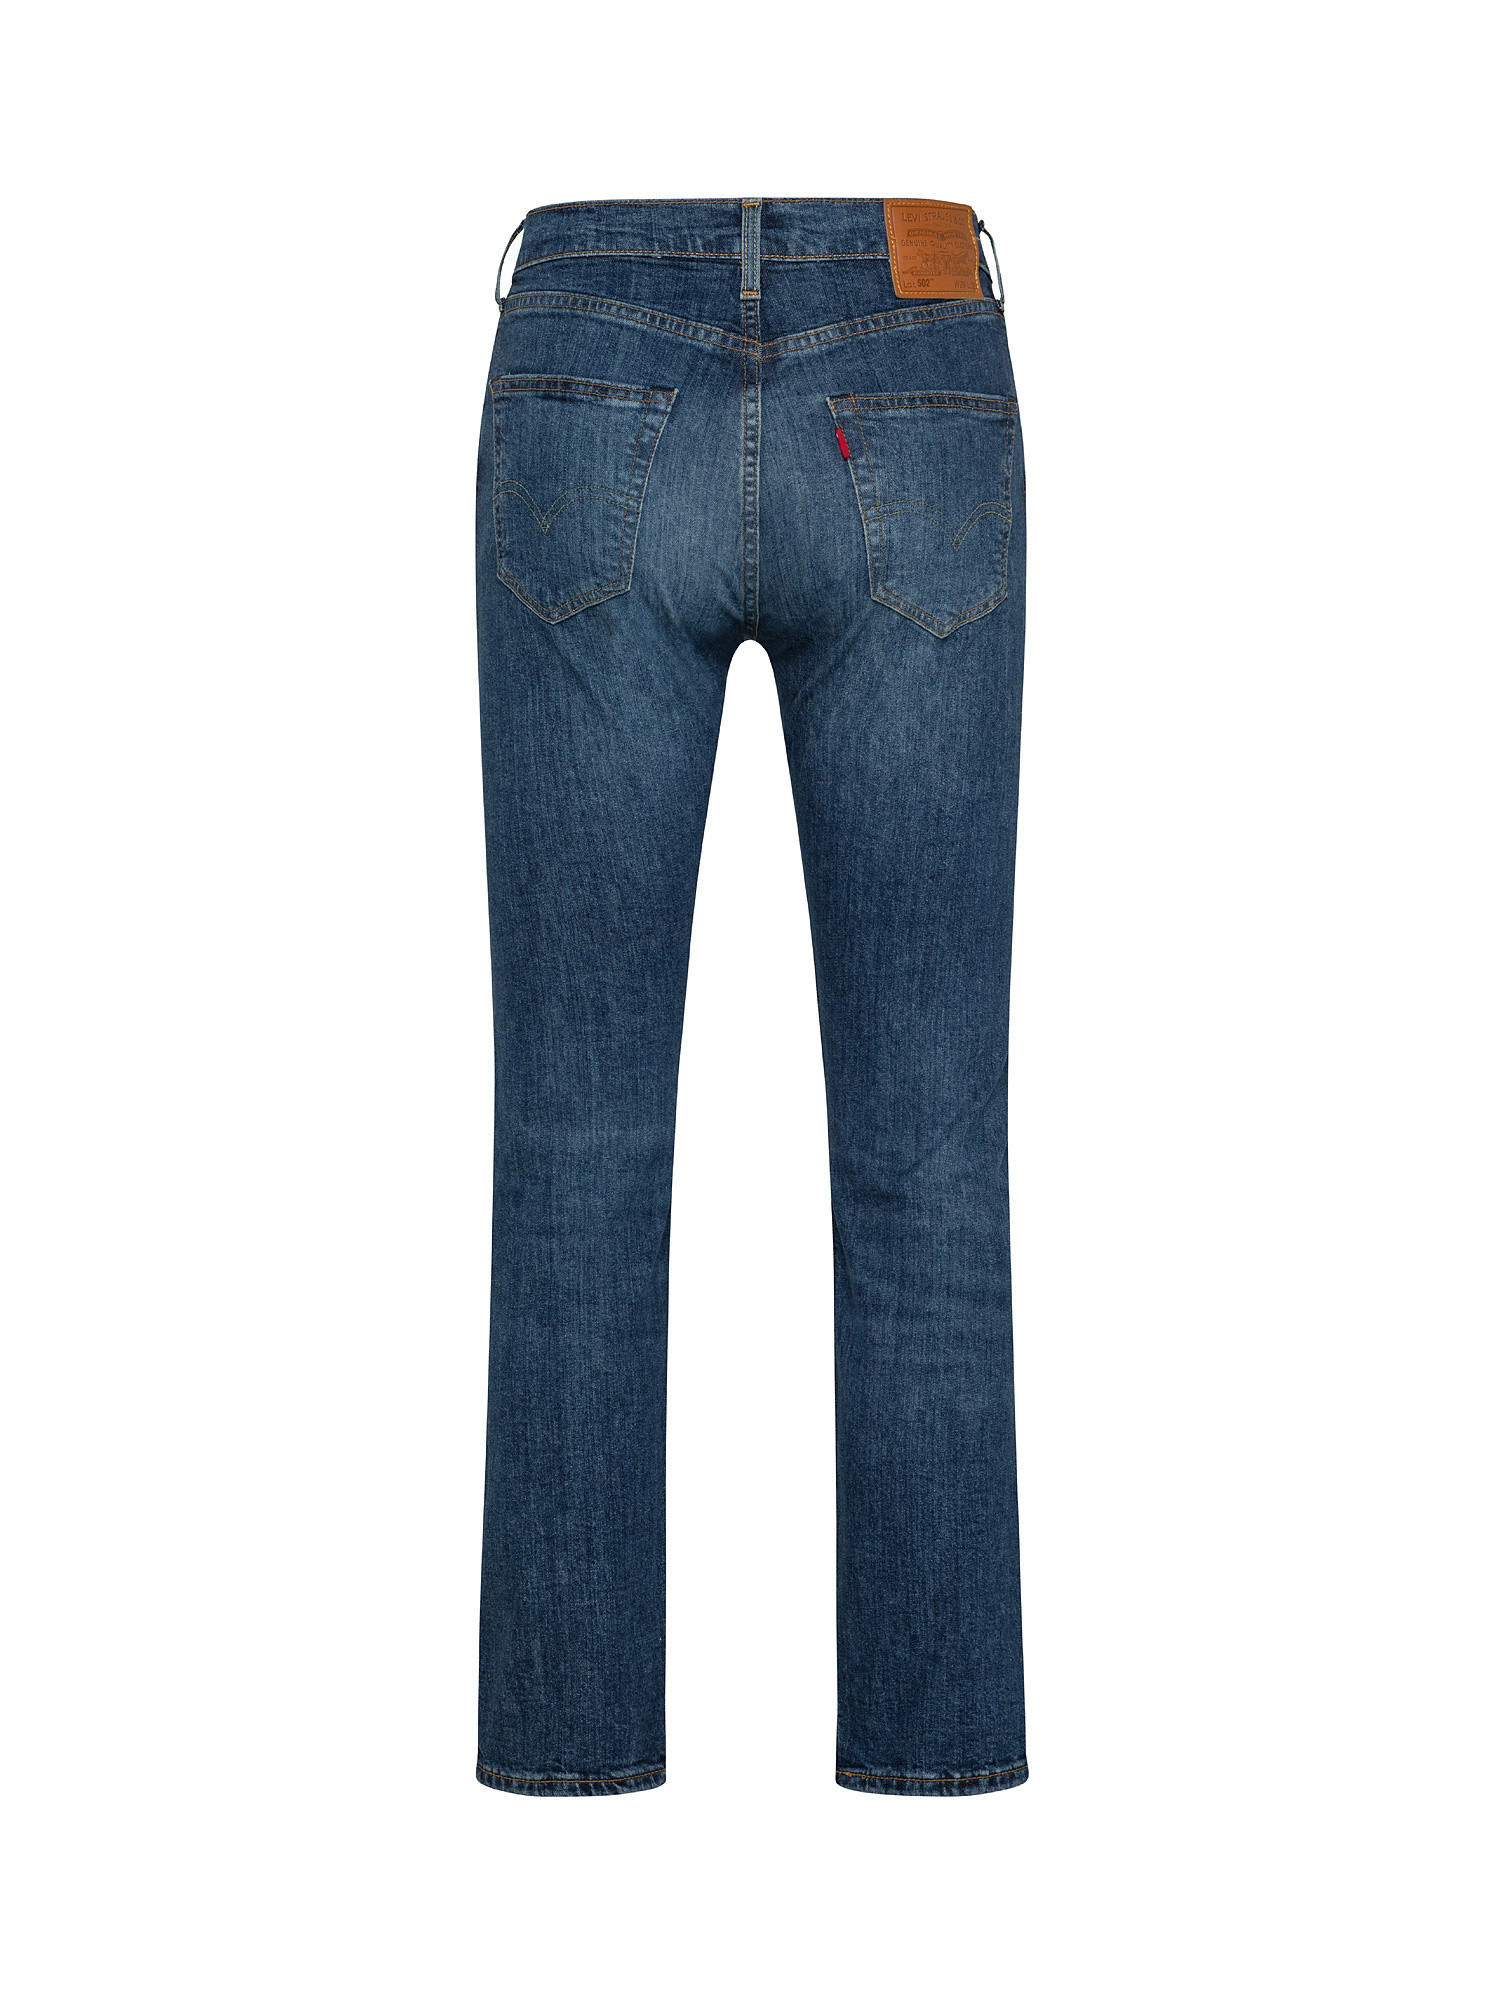 Jeans 5 tasche 502 Taper, Denim, large image number 1